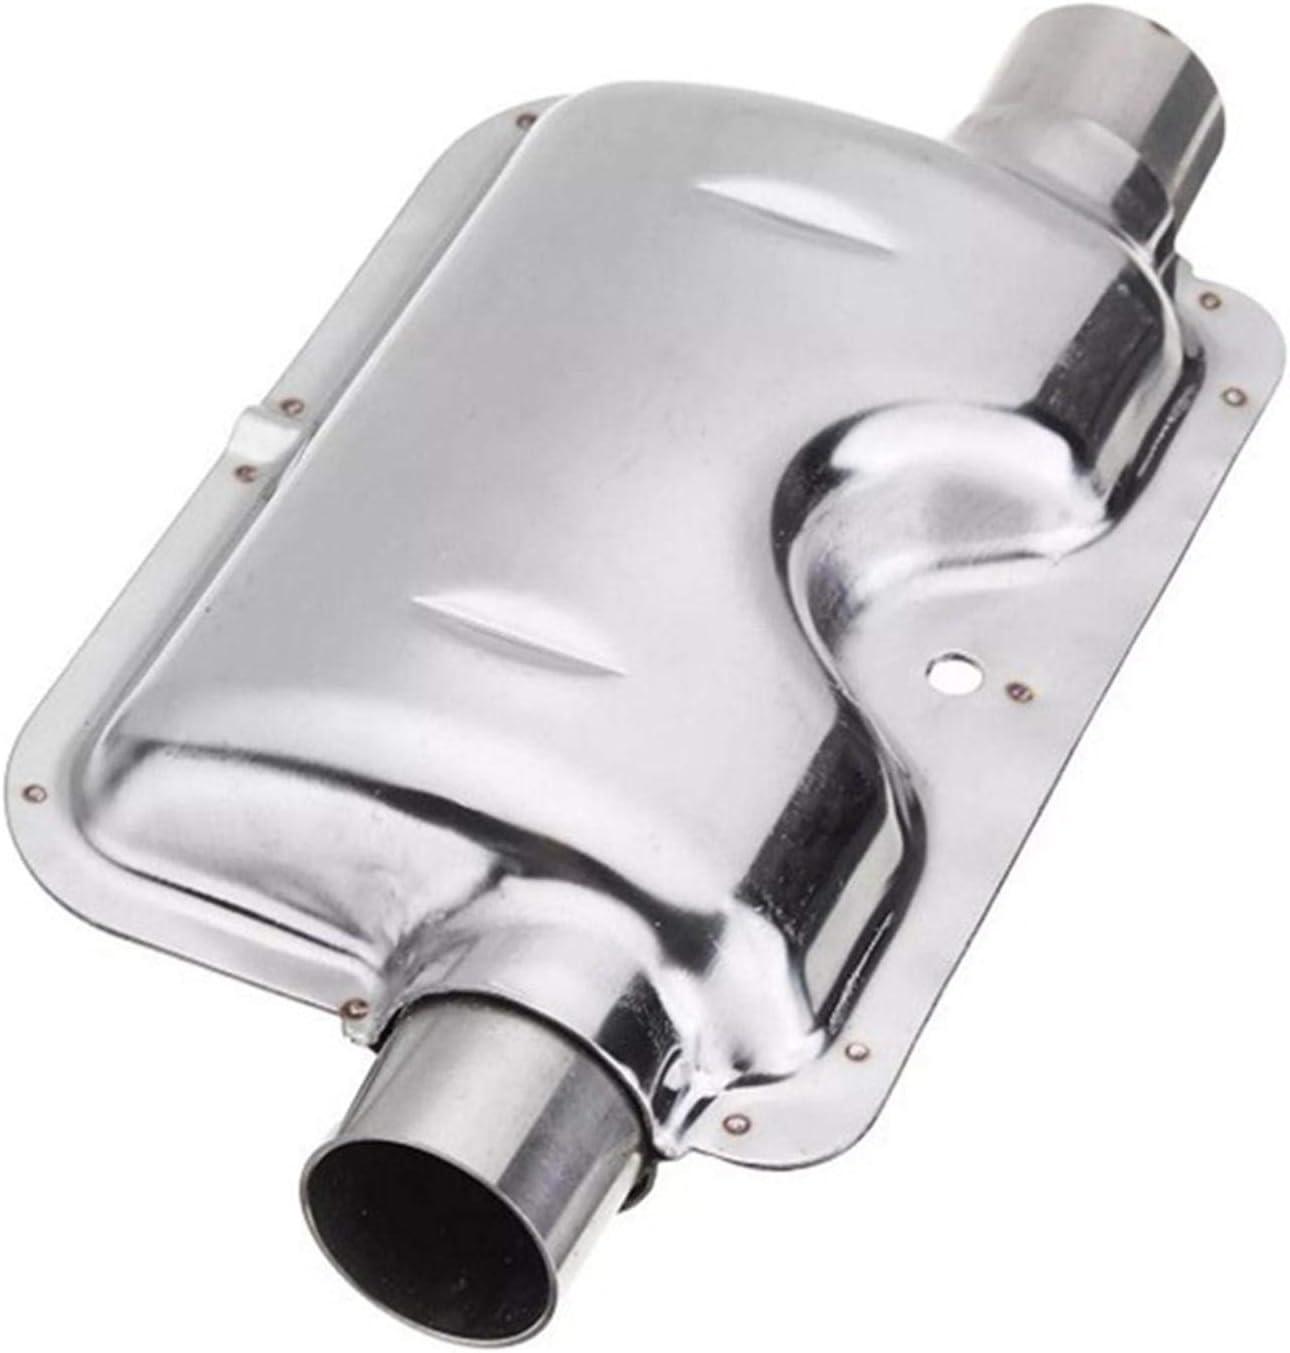 Yoouo 120cm Standheizung Edelstahl Auspuff Schalld/ämpfer,Mit Rohr Schalld/ämpfer,Auto-Luft-Heizung Tank Diesel Gas Entl/üftungsschlauch F/ür Luft Diesel Auto Heater